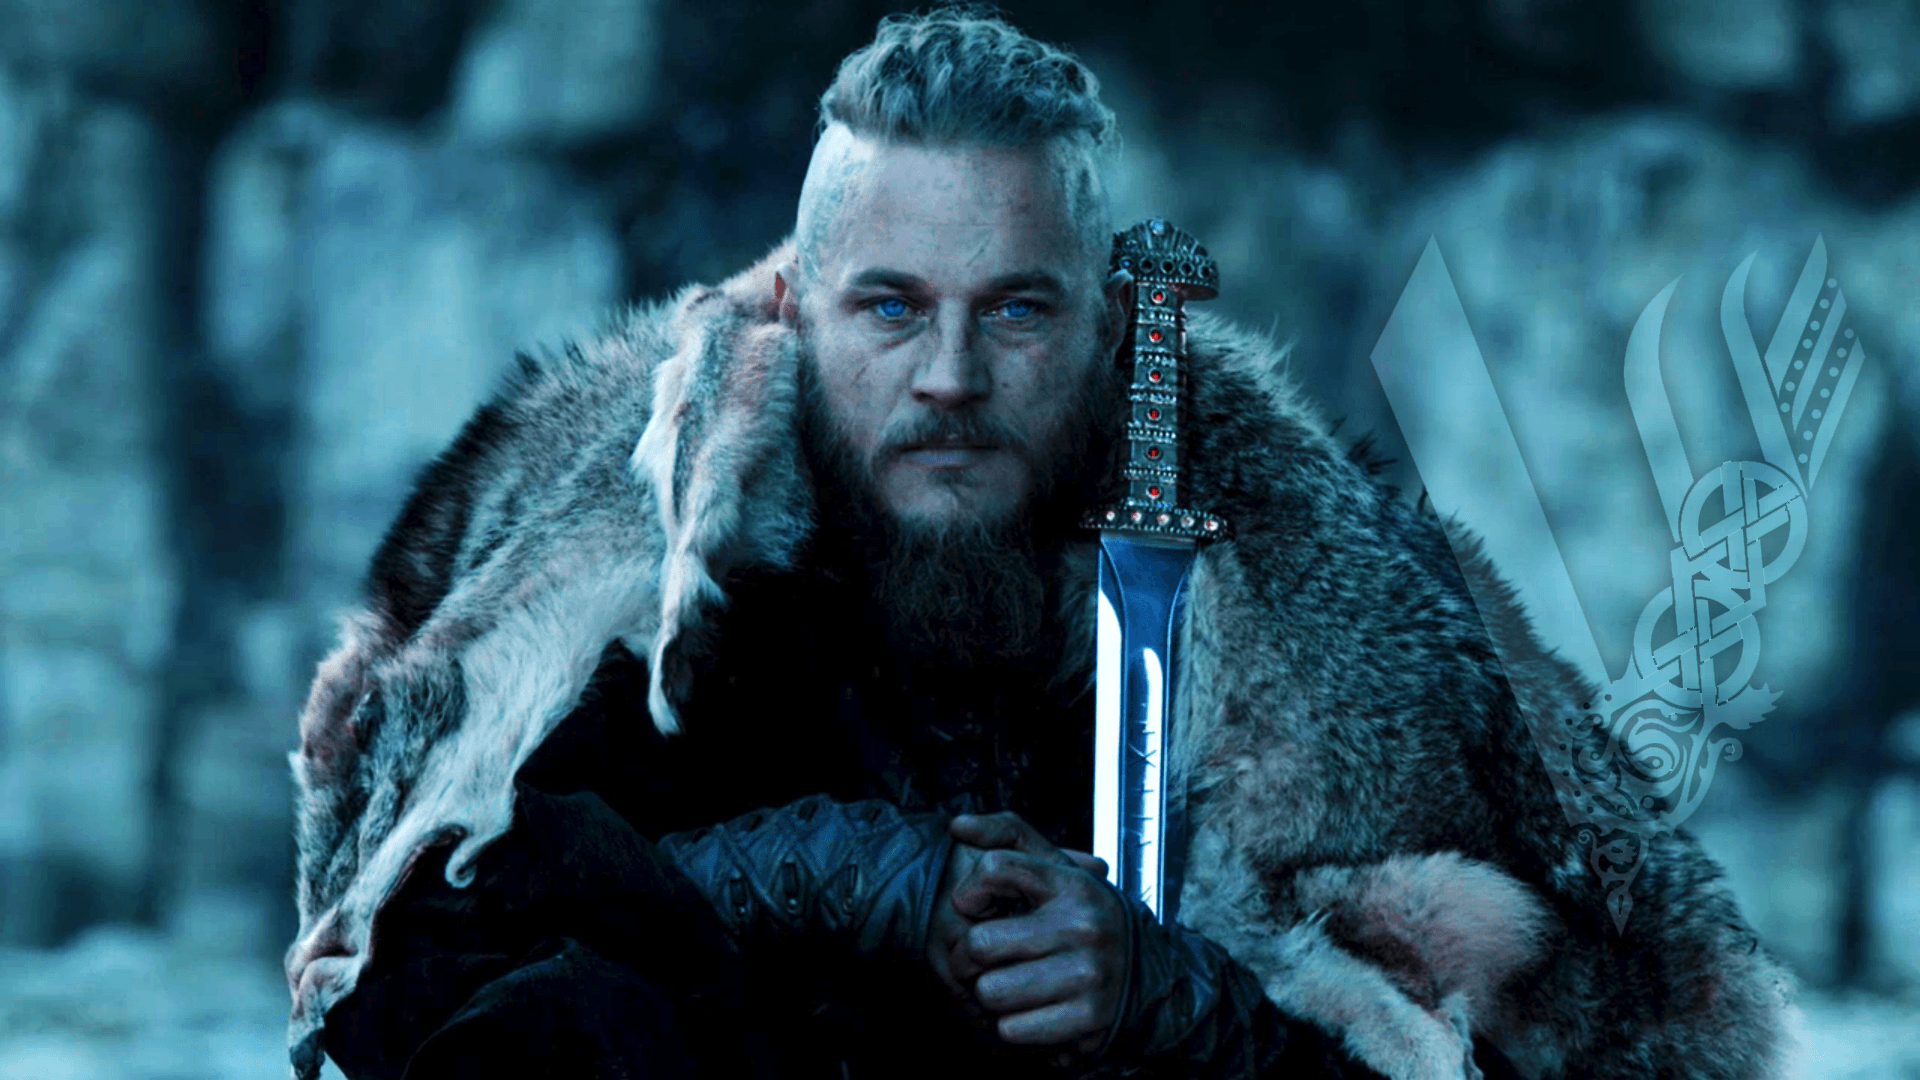 screaming viking hd desktop - photo #8